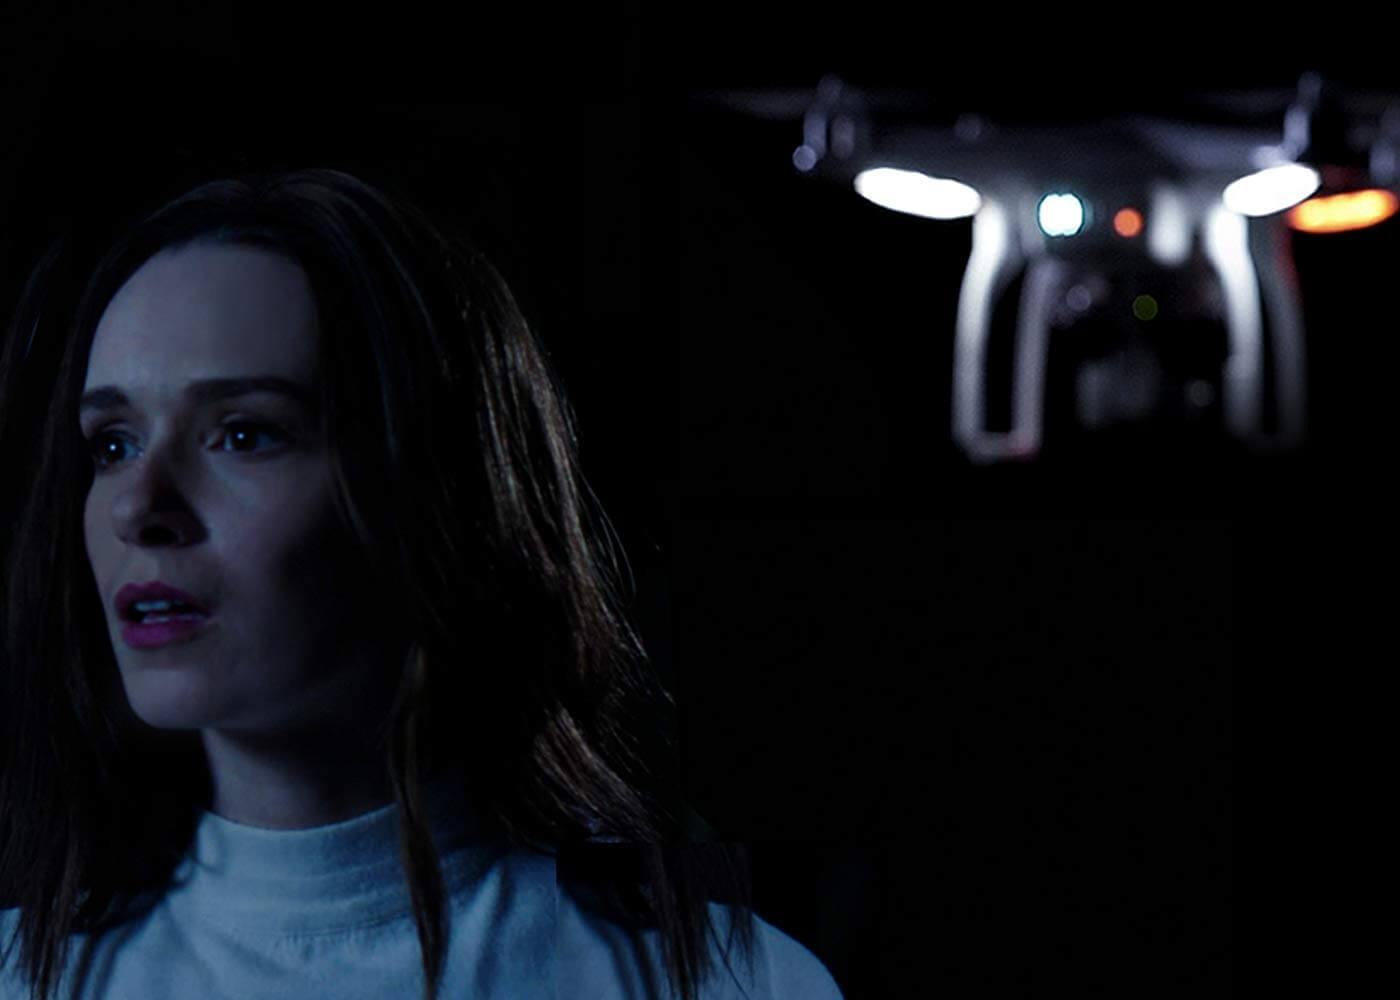 Nữ chính liên tục giả bộ ngây thơ như bò đeo nơ mặc dù drone bay sát đít - Sát Thủ Trên Không